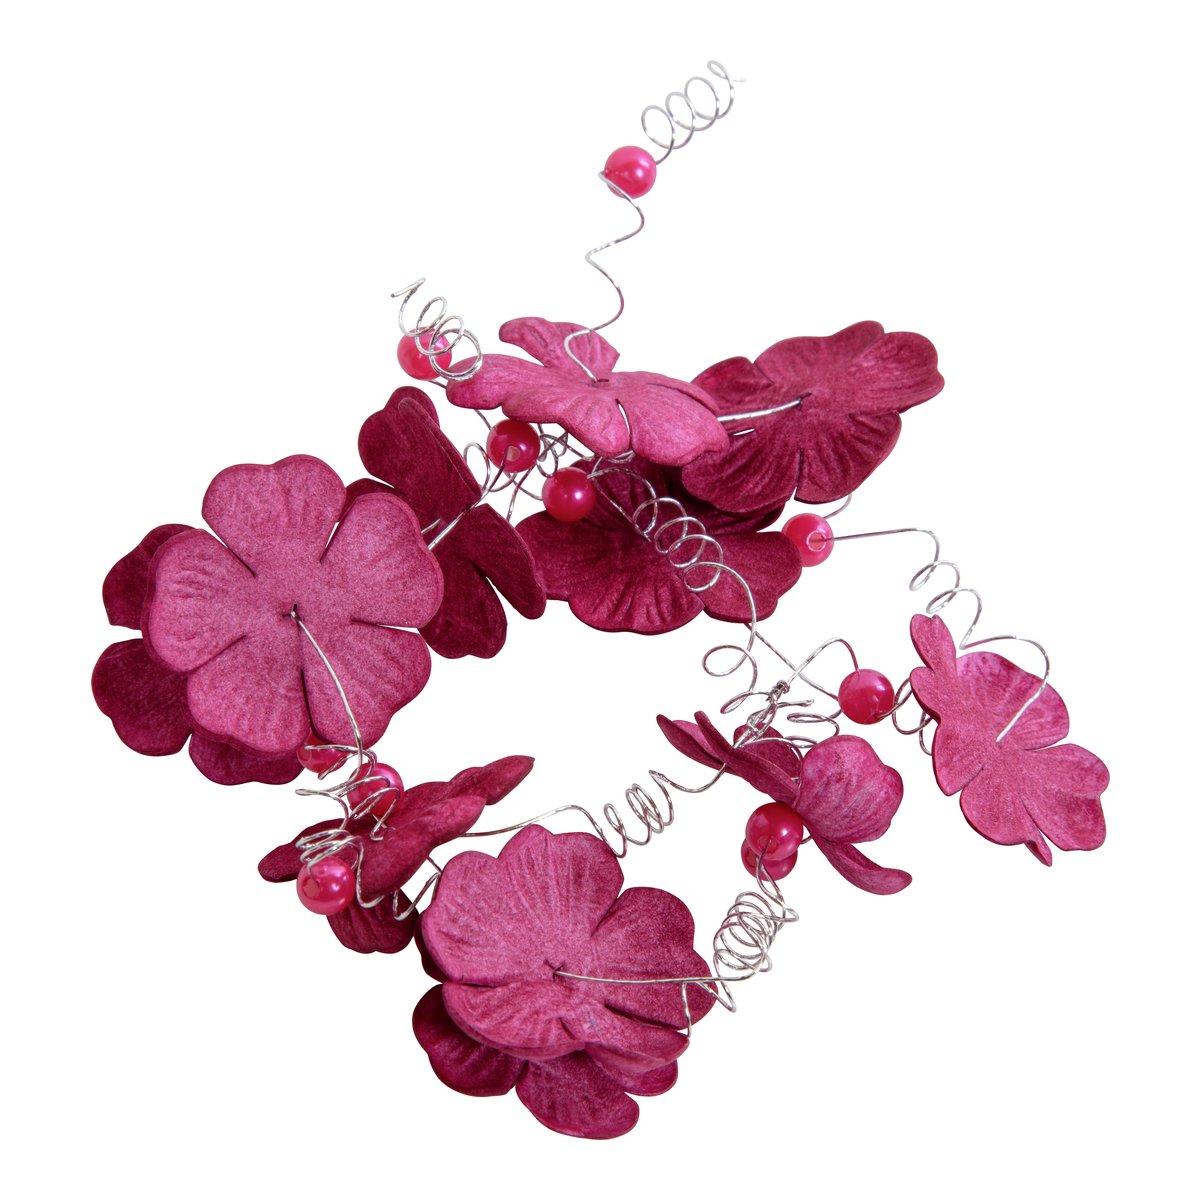 Blomster på lenke-DEK895